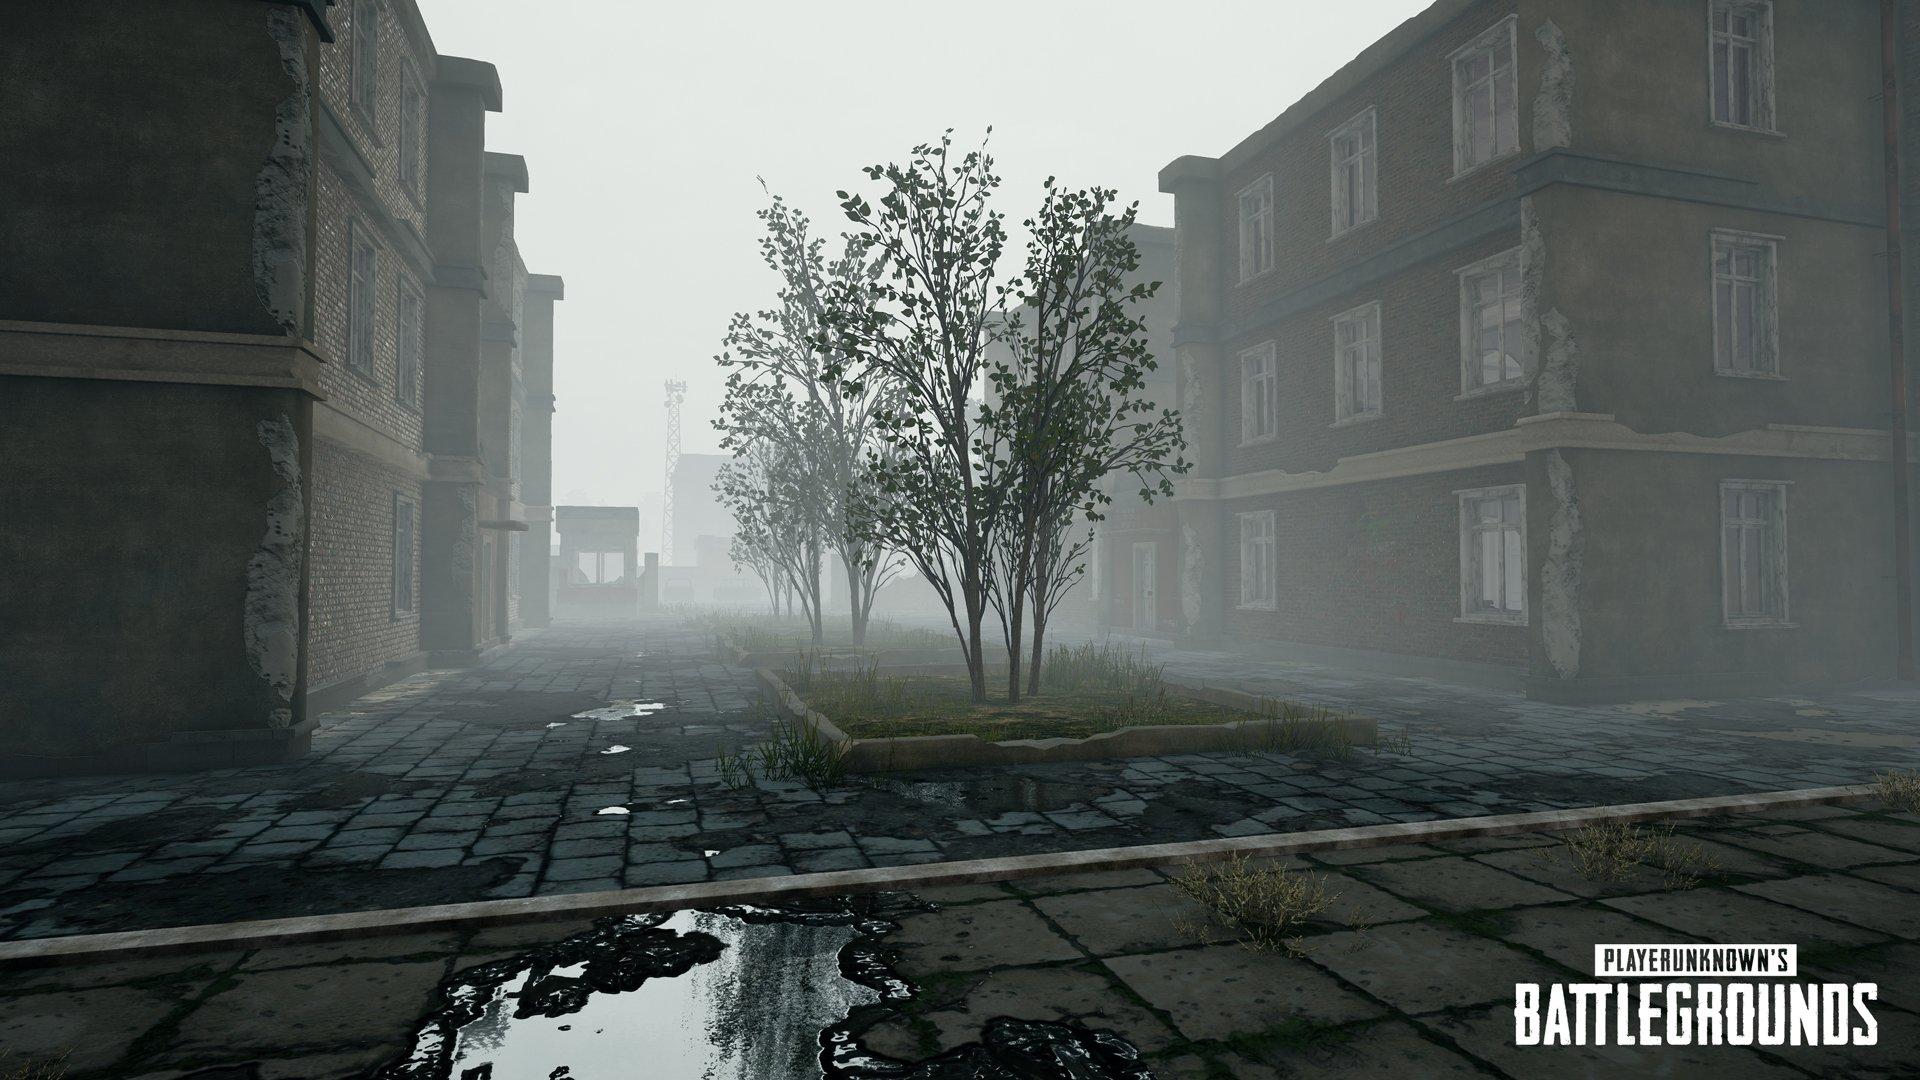 تصاویری از آب و هوای مه آلود در بازی PlayerUnknown's Battlegrounds منتشر شد